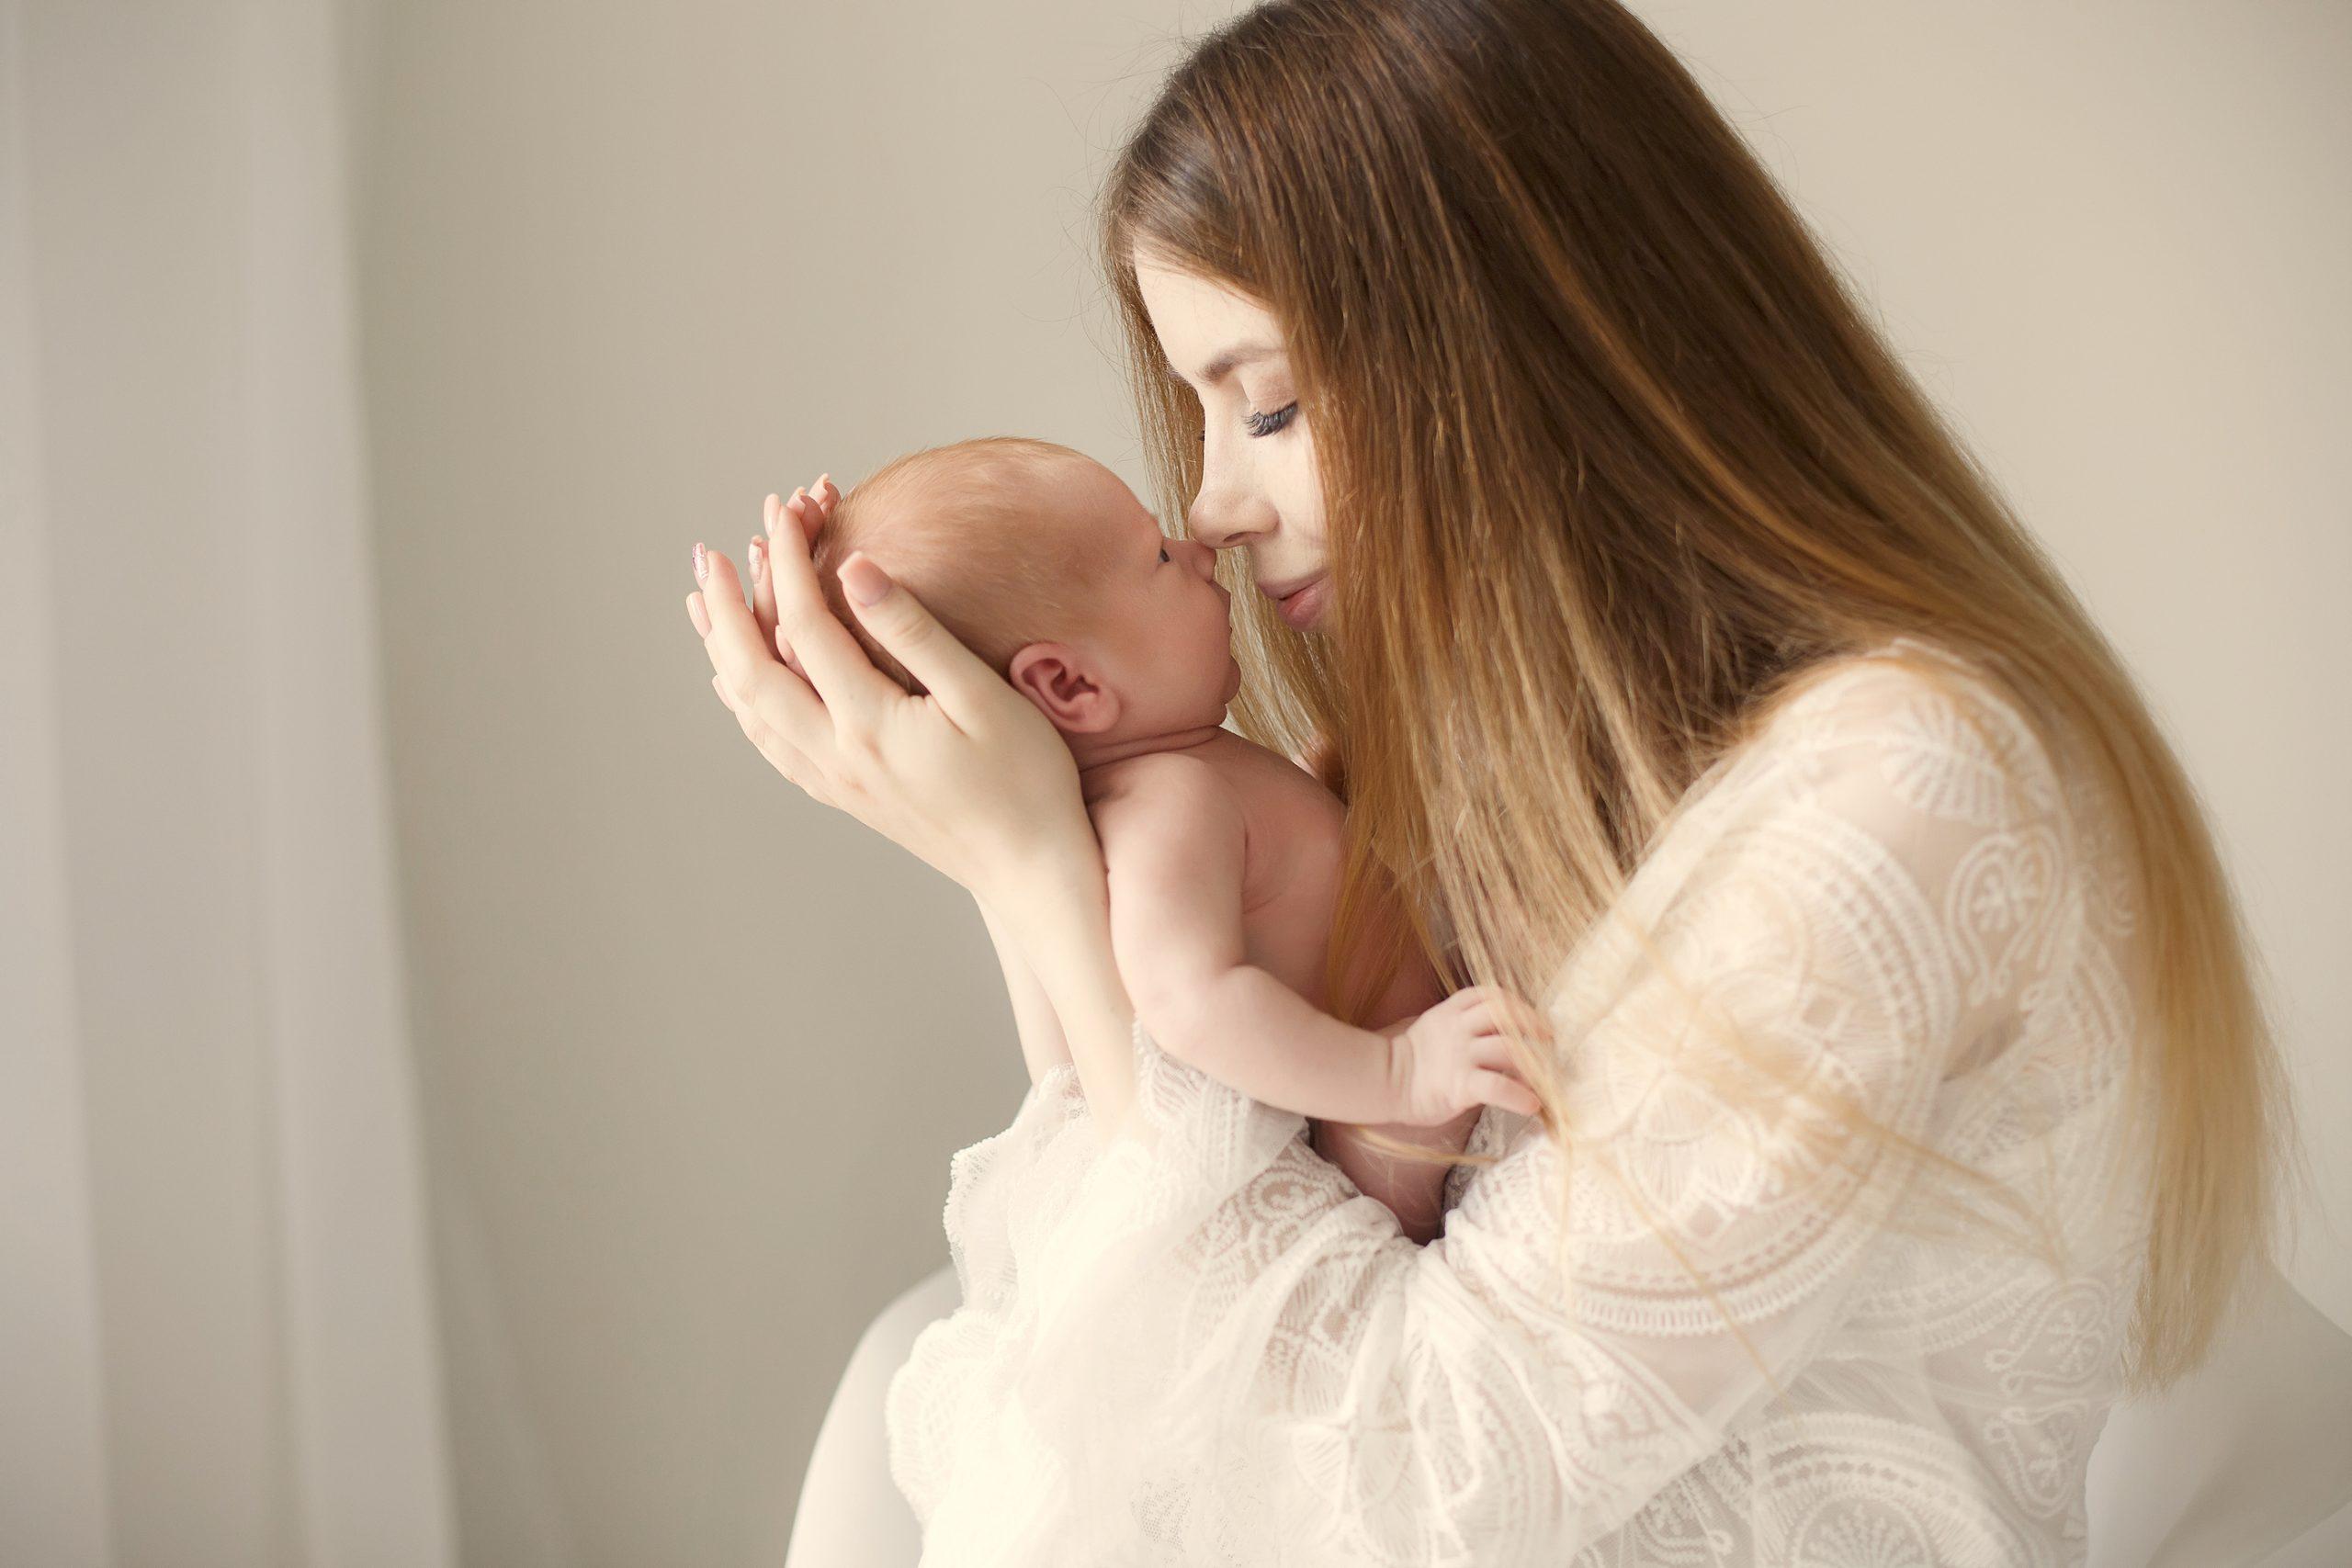 El apego seguro con el recién nacido: es imposible malcriar a un bebé por darle amor